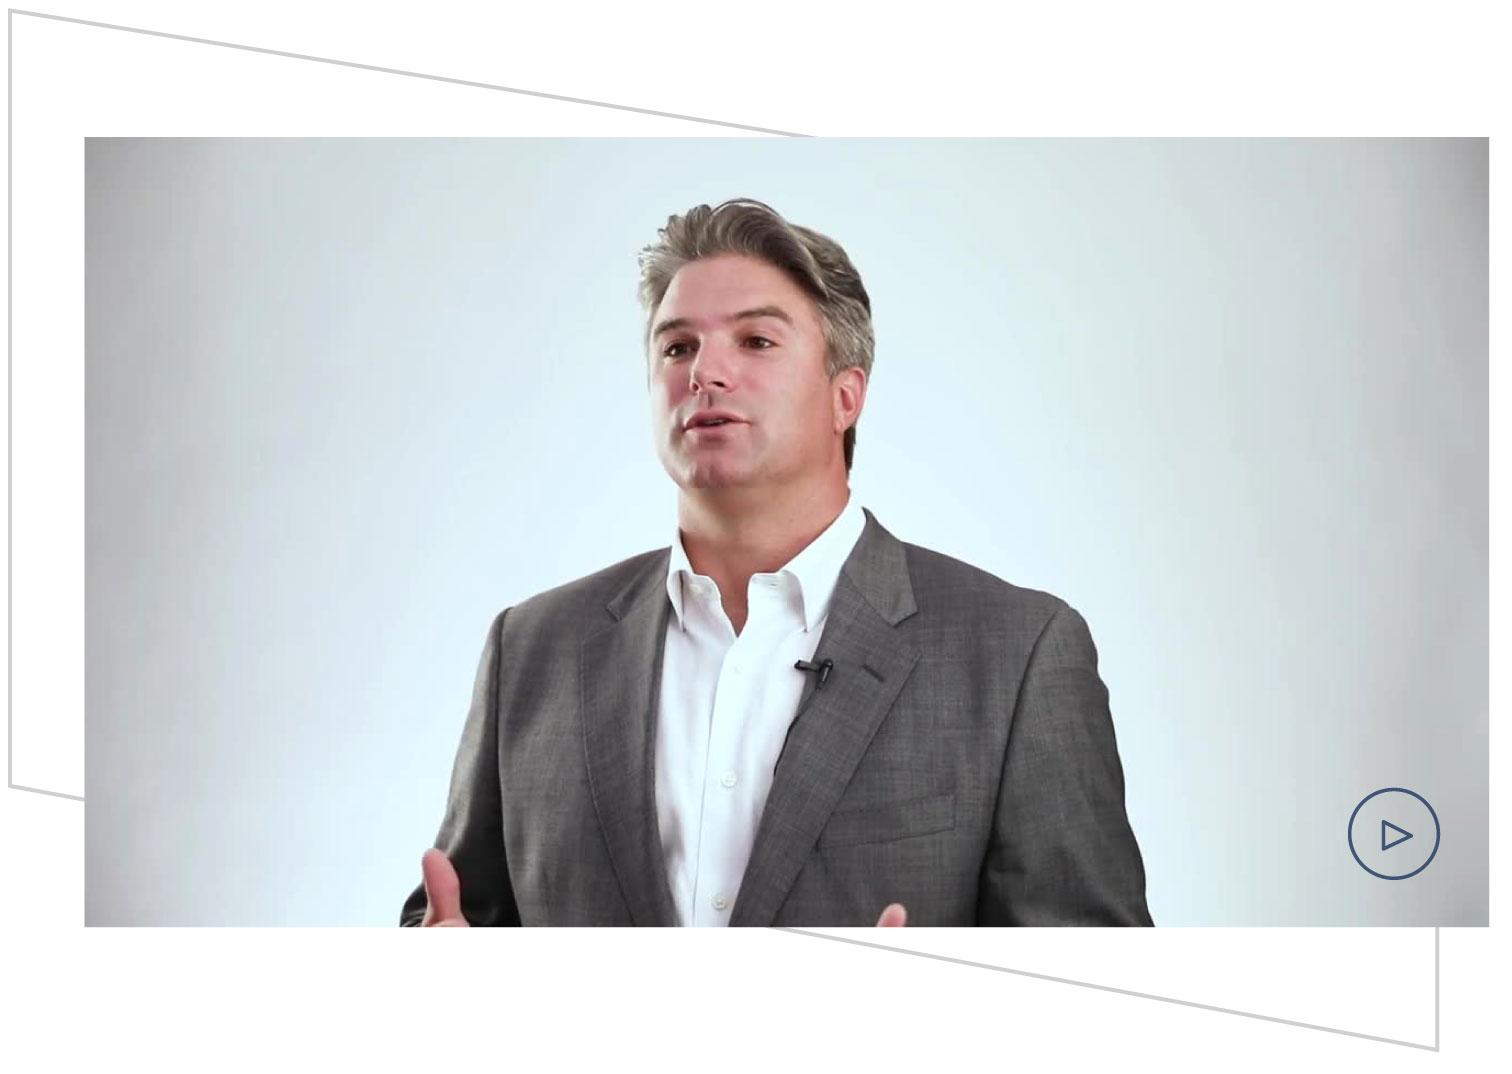 Still frame from video of Dylan McCrory speaking